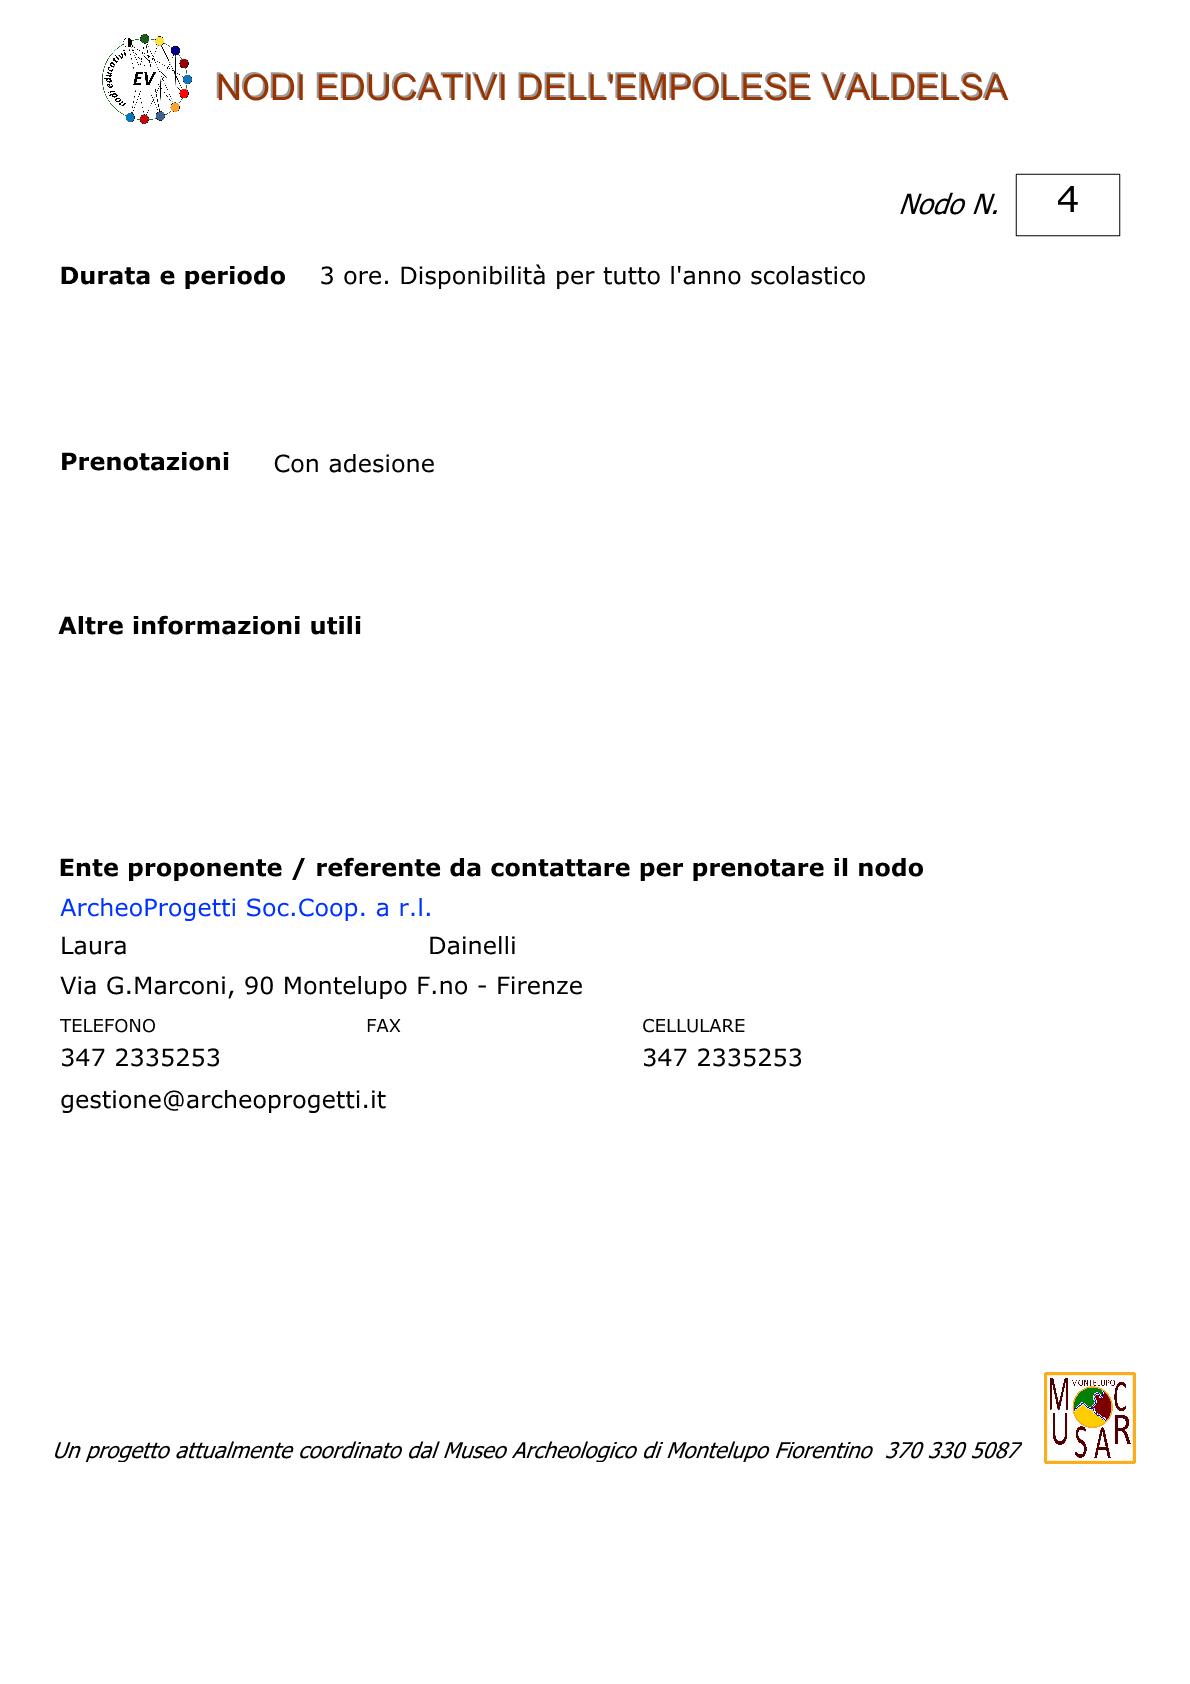 nodi-ev-161001-n-0043